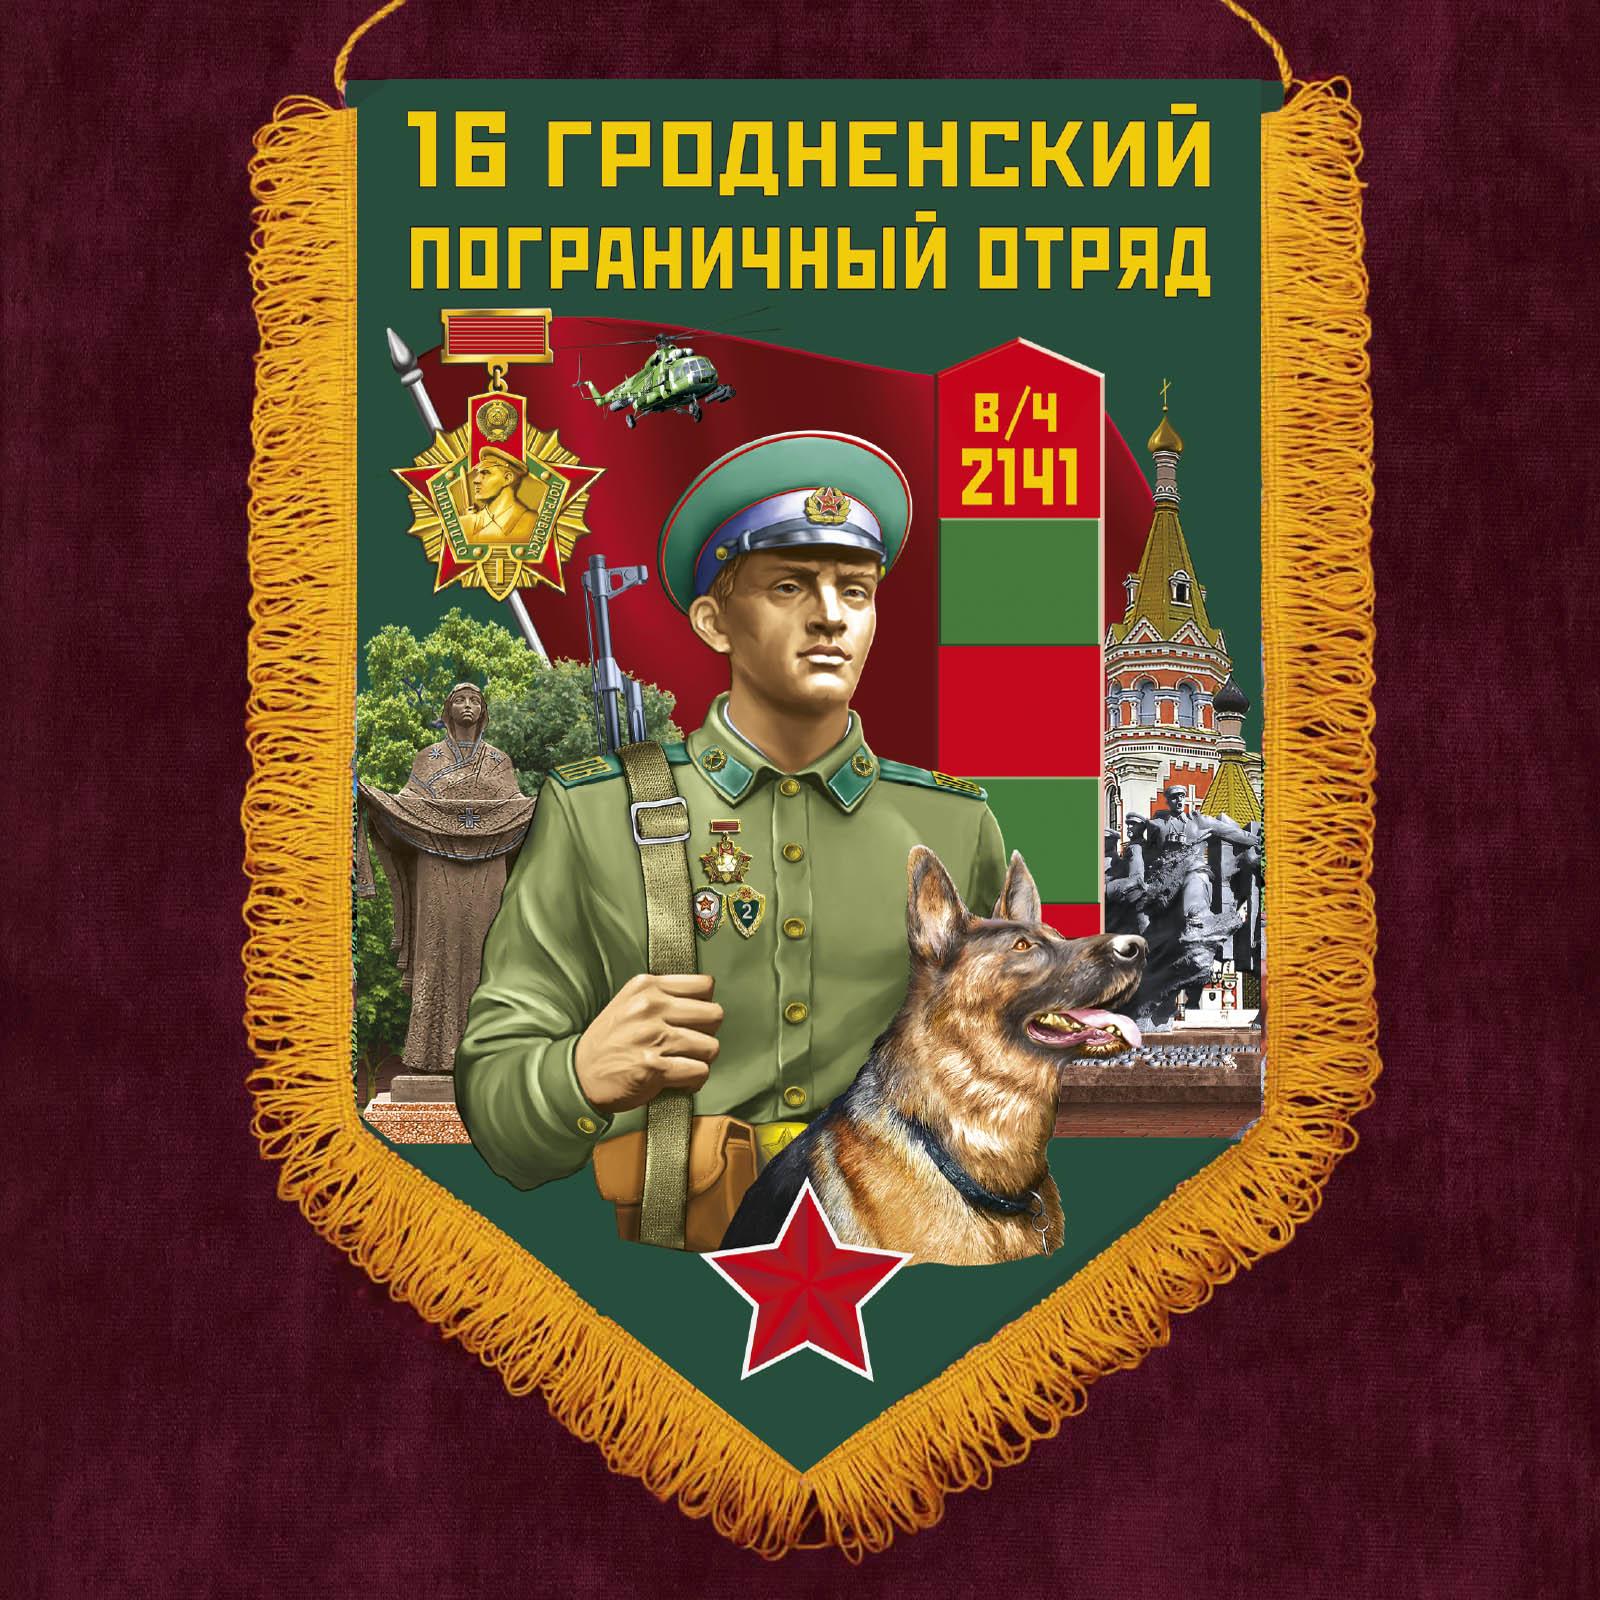 """Настенный вымпел """"16 Гродненский пограничный отряд"""""""